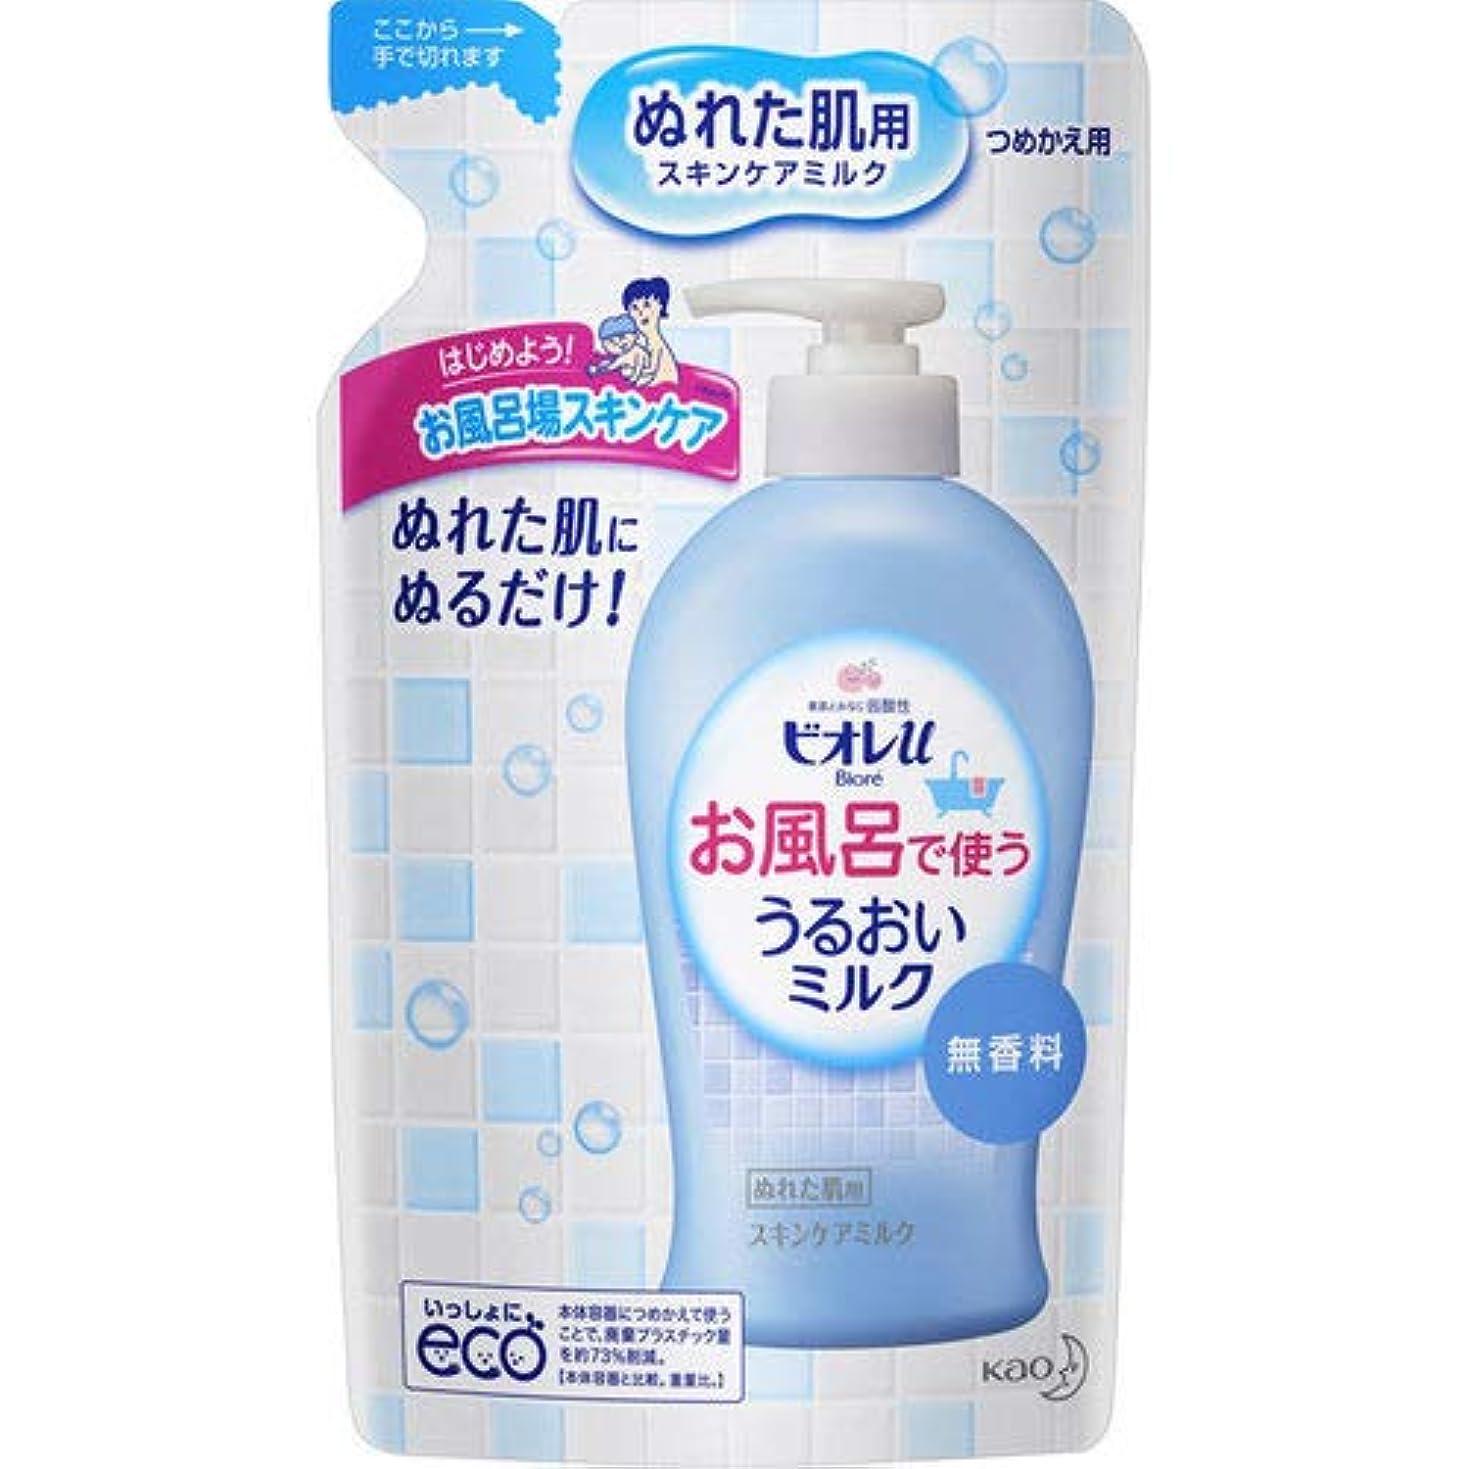 被害者優越あまりにもビオレu お風呂で使ううるおいミルク 無香料 つめかえ用 250mL